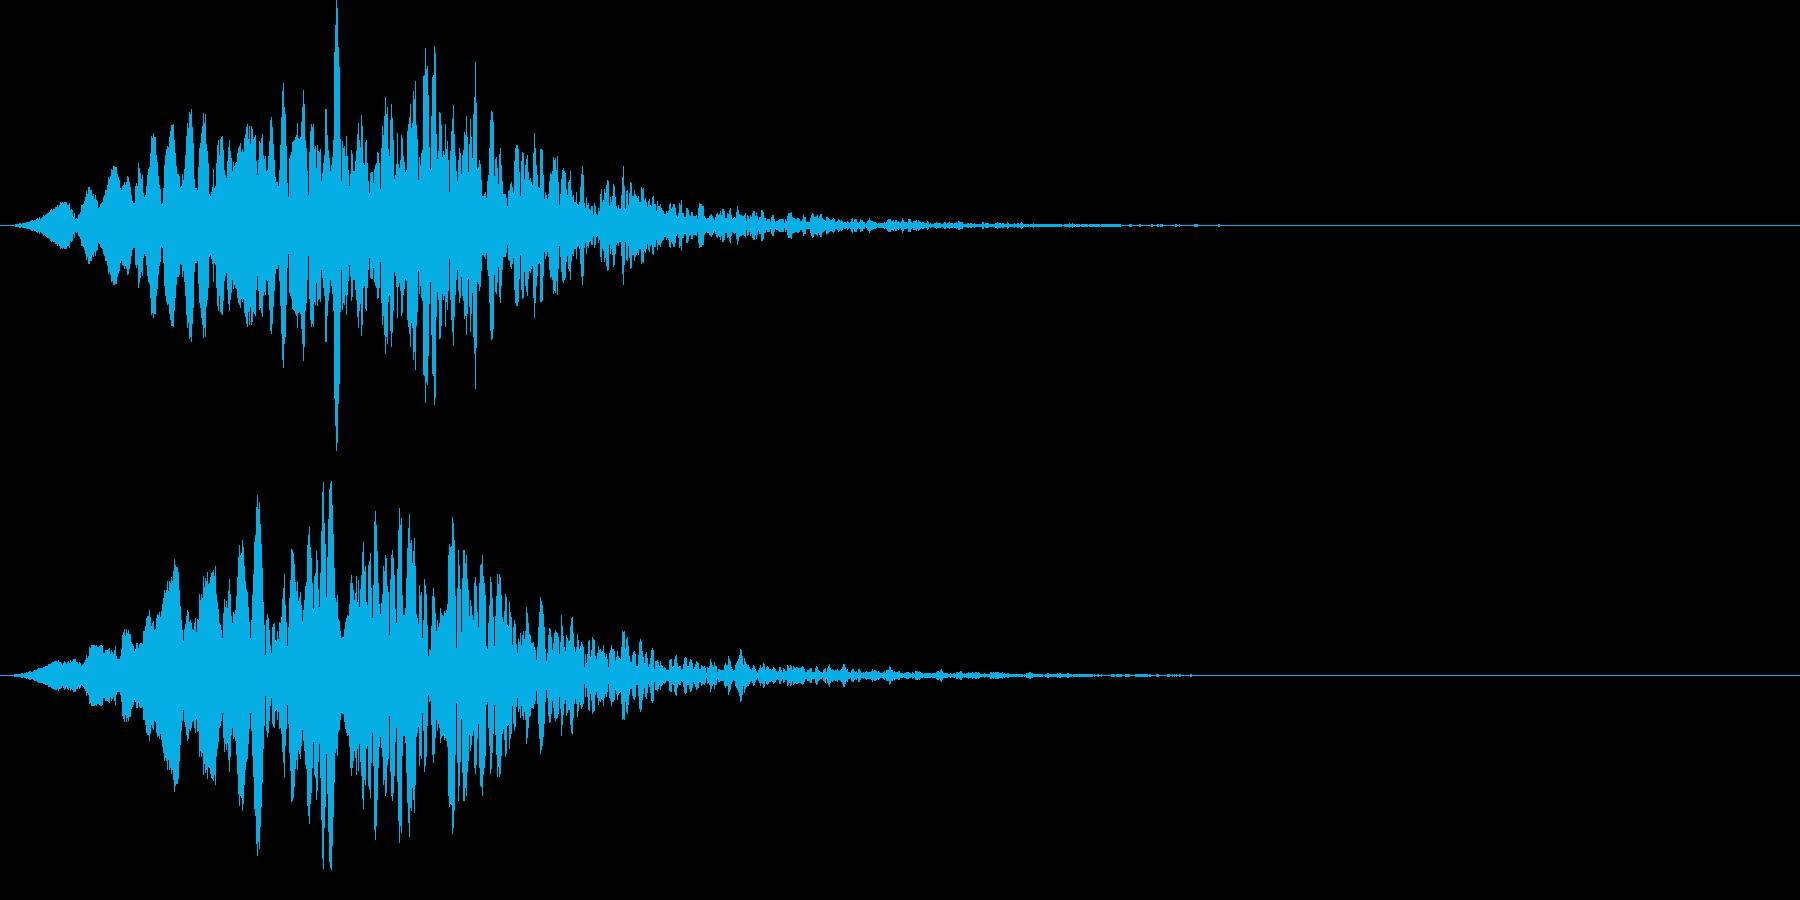 ヒューっと不気味な何かが通る効果音の再生済みの波形